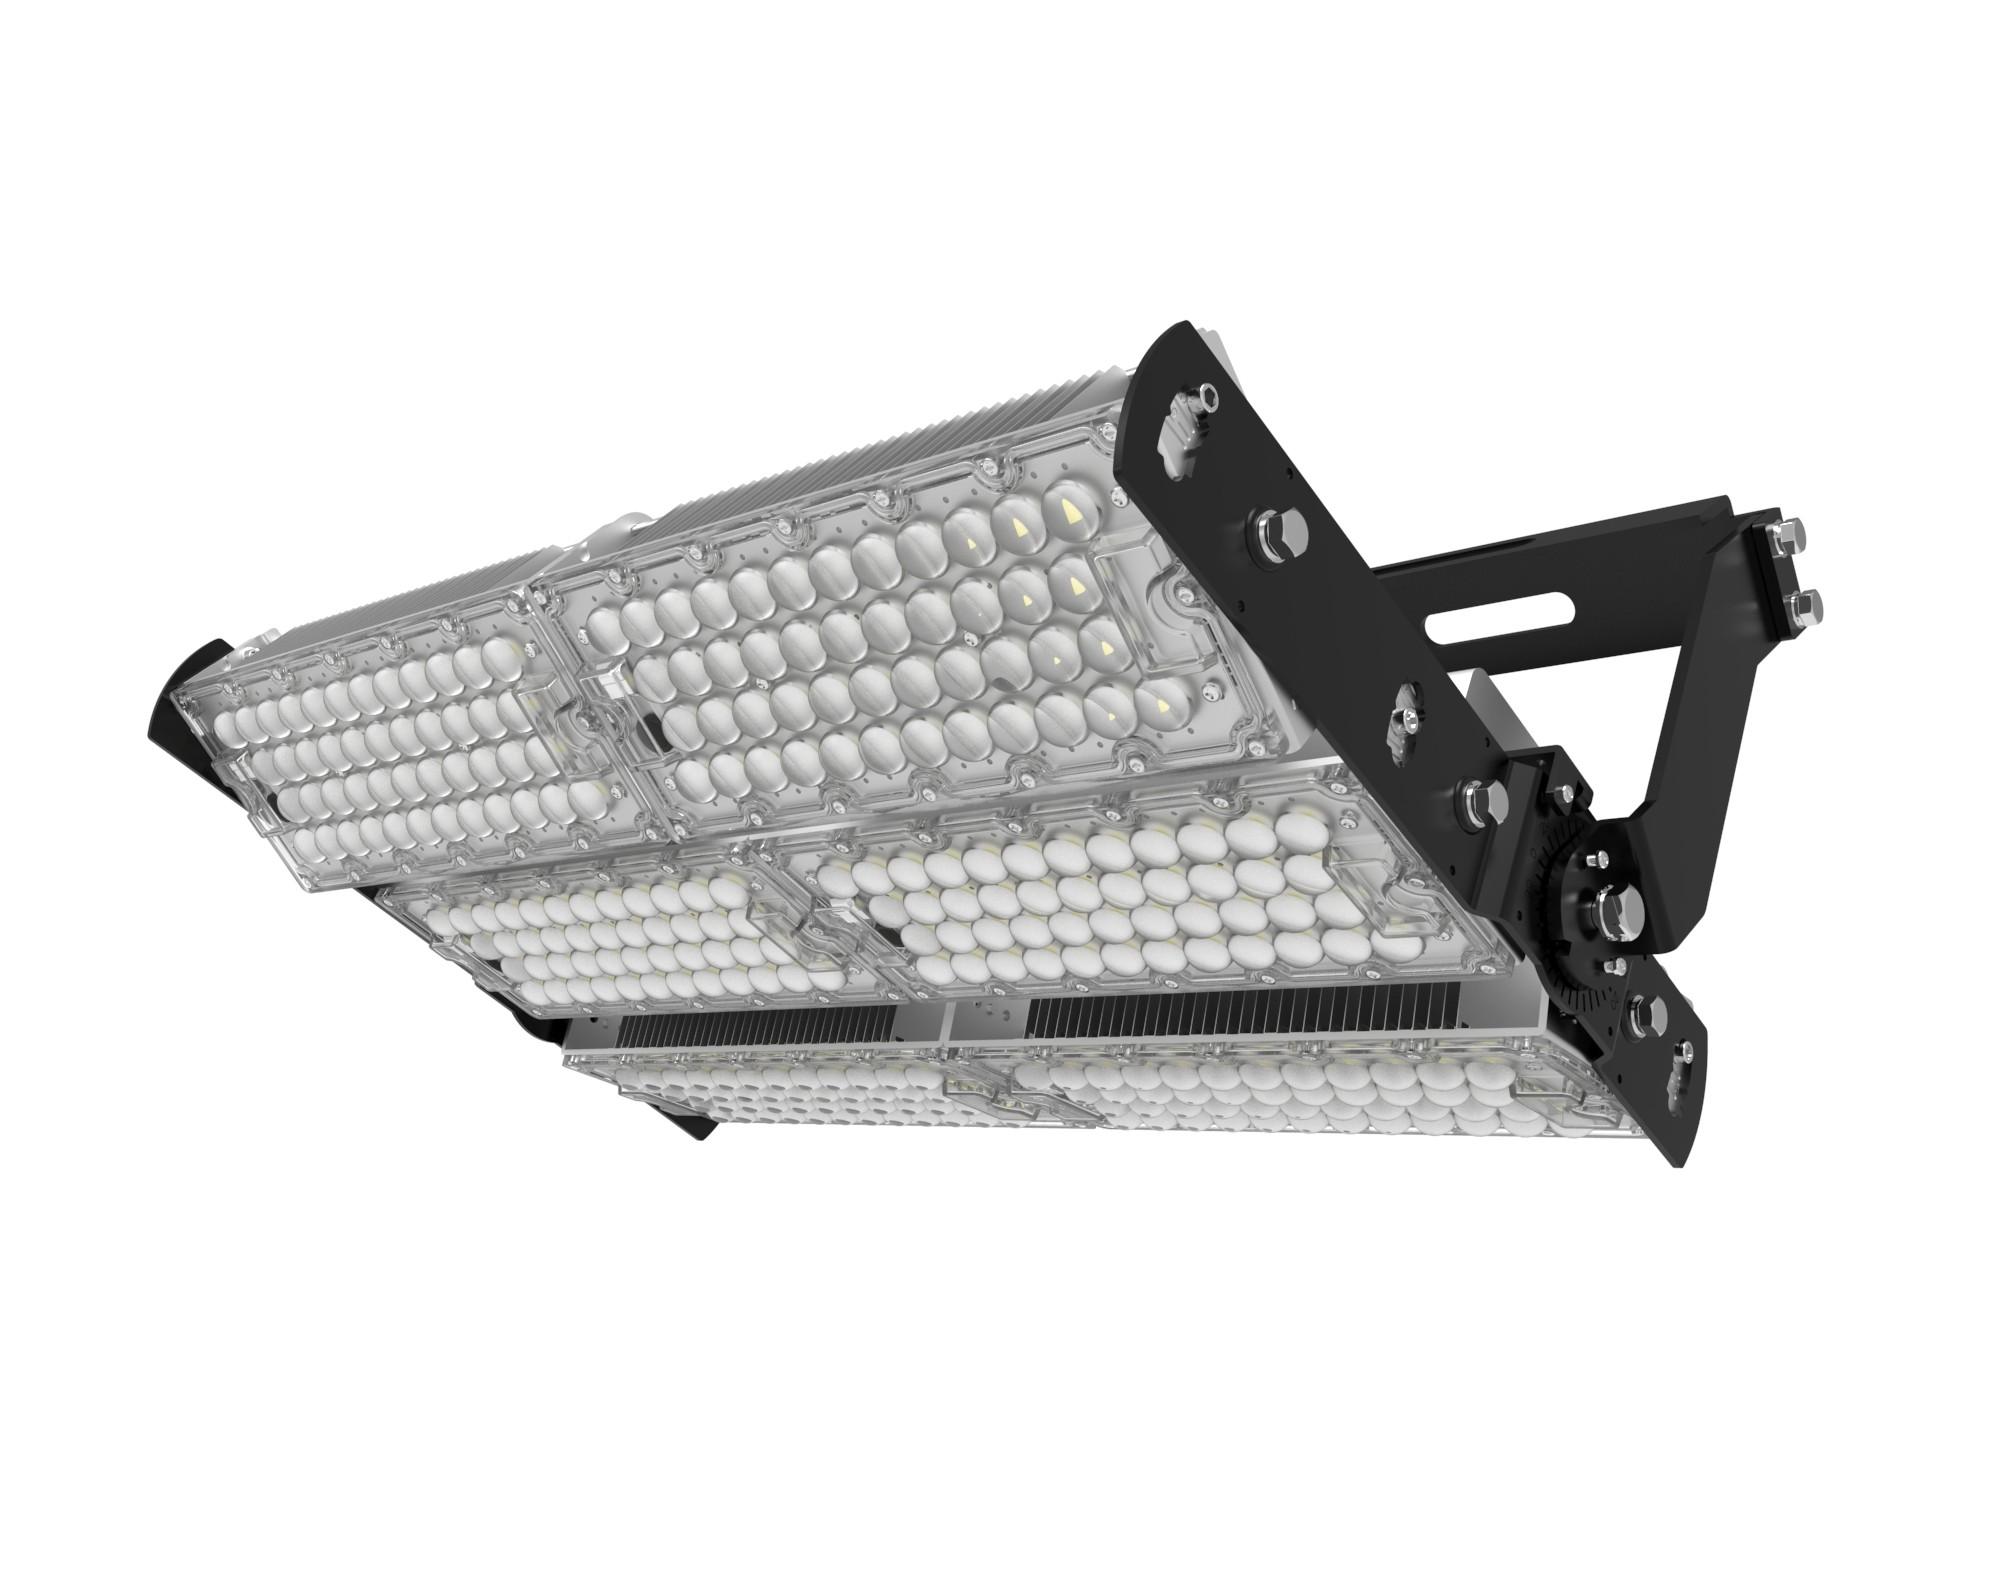 شراء الإضاءة 600W السامي ماست المئزر ,الإضاءة 600W السامي ماست المئزر الأسعار ·الإضاءة 600W السامي ماست المئزر العلامات التجارية ,الإضاءة 600W السامي ماست المئزر الصانع ,الإضاءة 600W السامي ماست المئزر اقتباس ·الإضاءة 600W السامي ماست المئزر الشركة